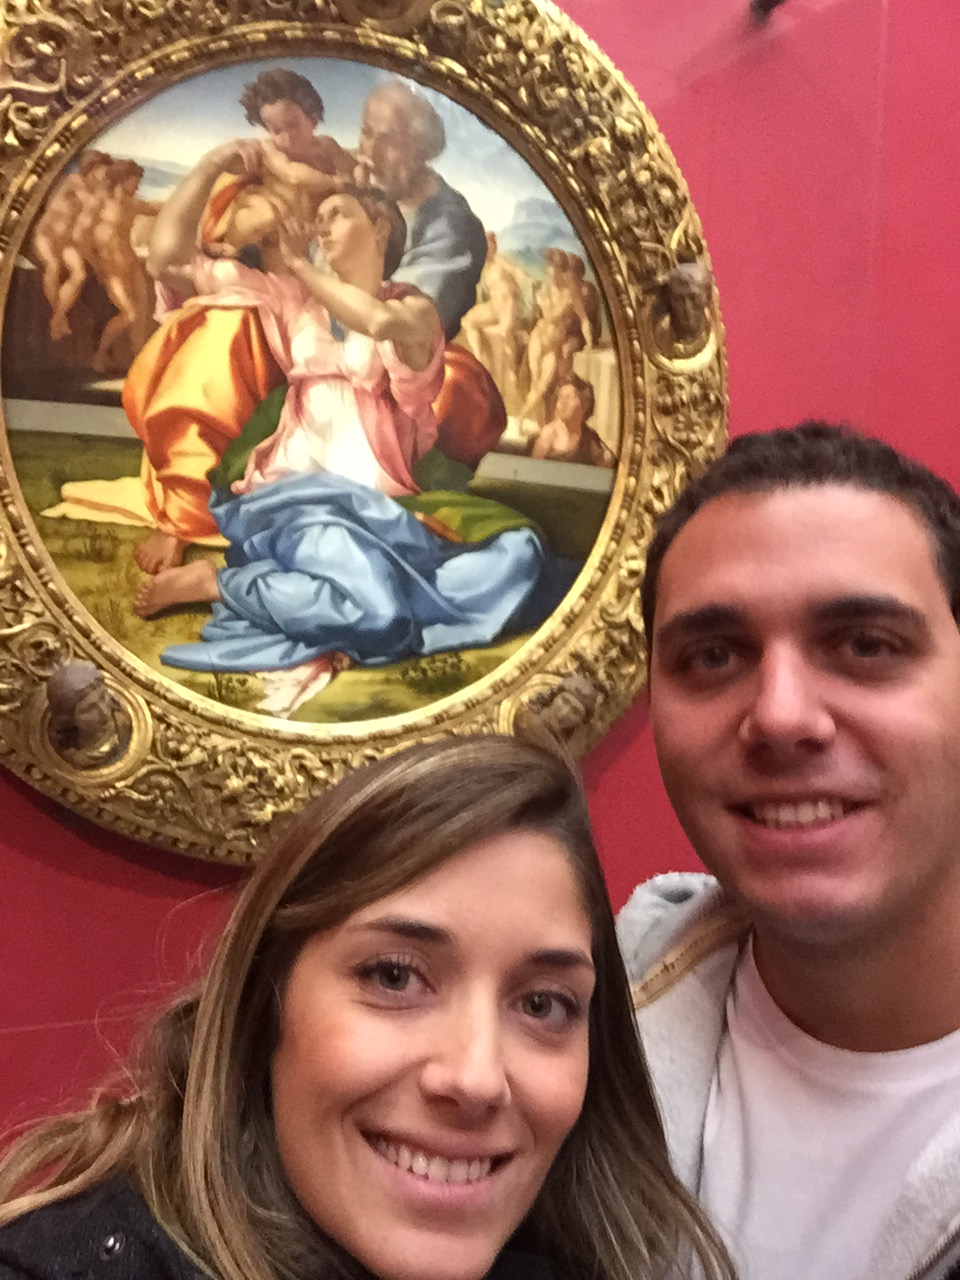 A Sagrada Família de Michelangelo. Tondo - quadro redondo que era costume dar em casamentos para colocar acima da cama.